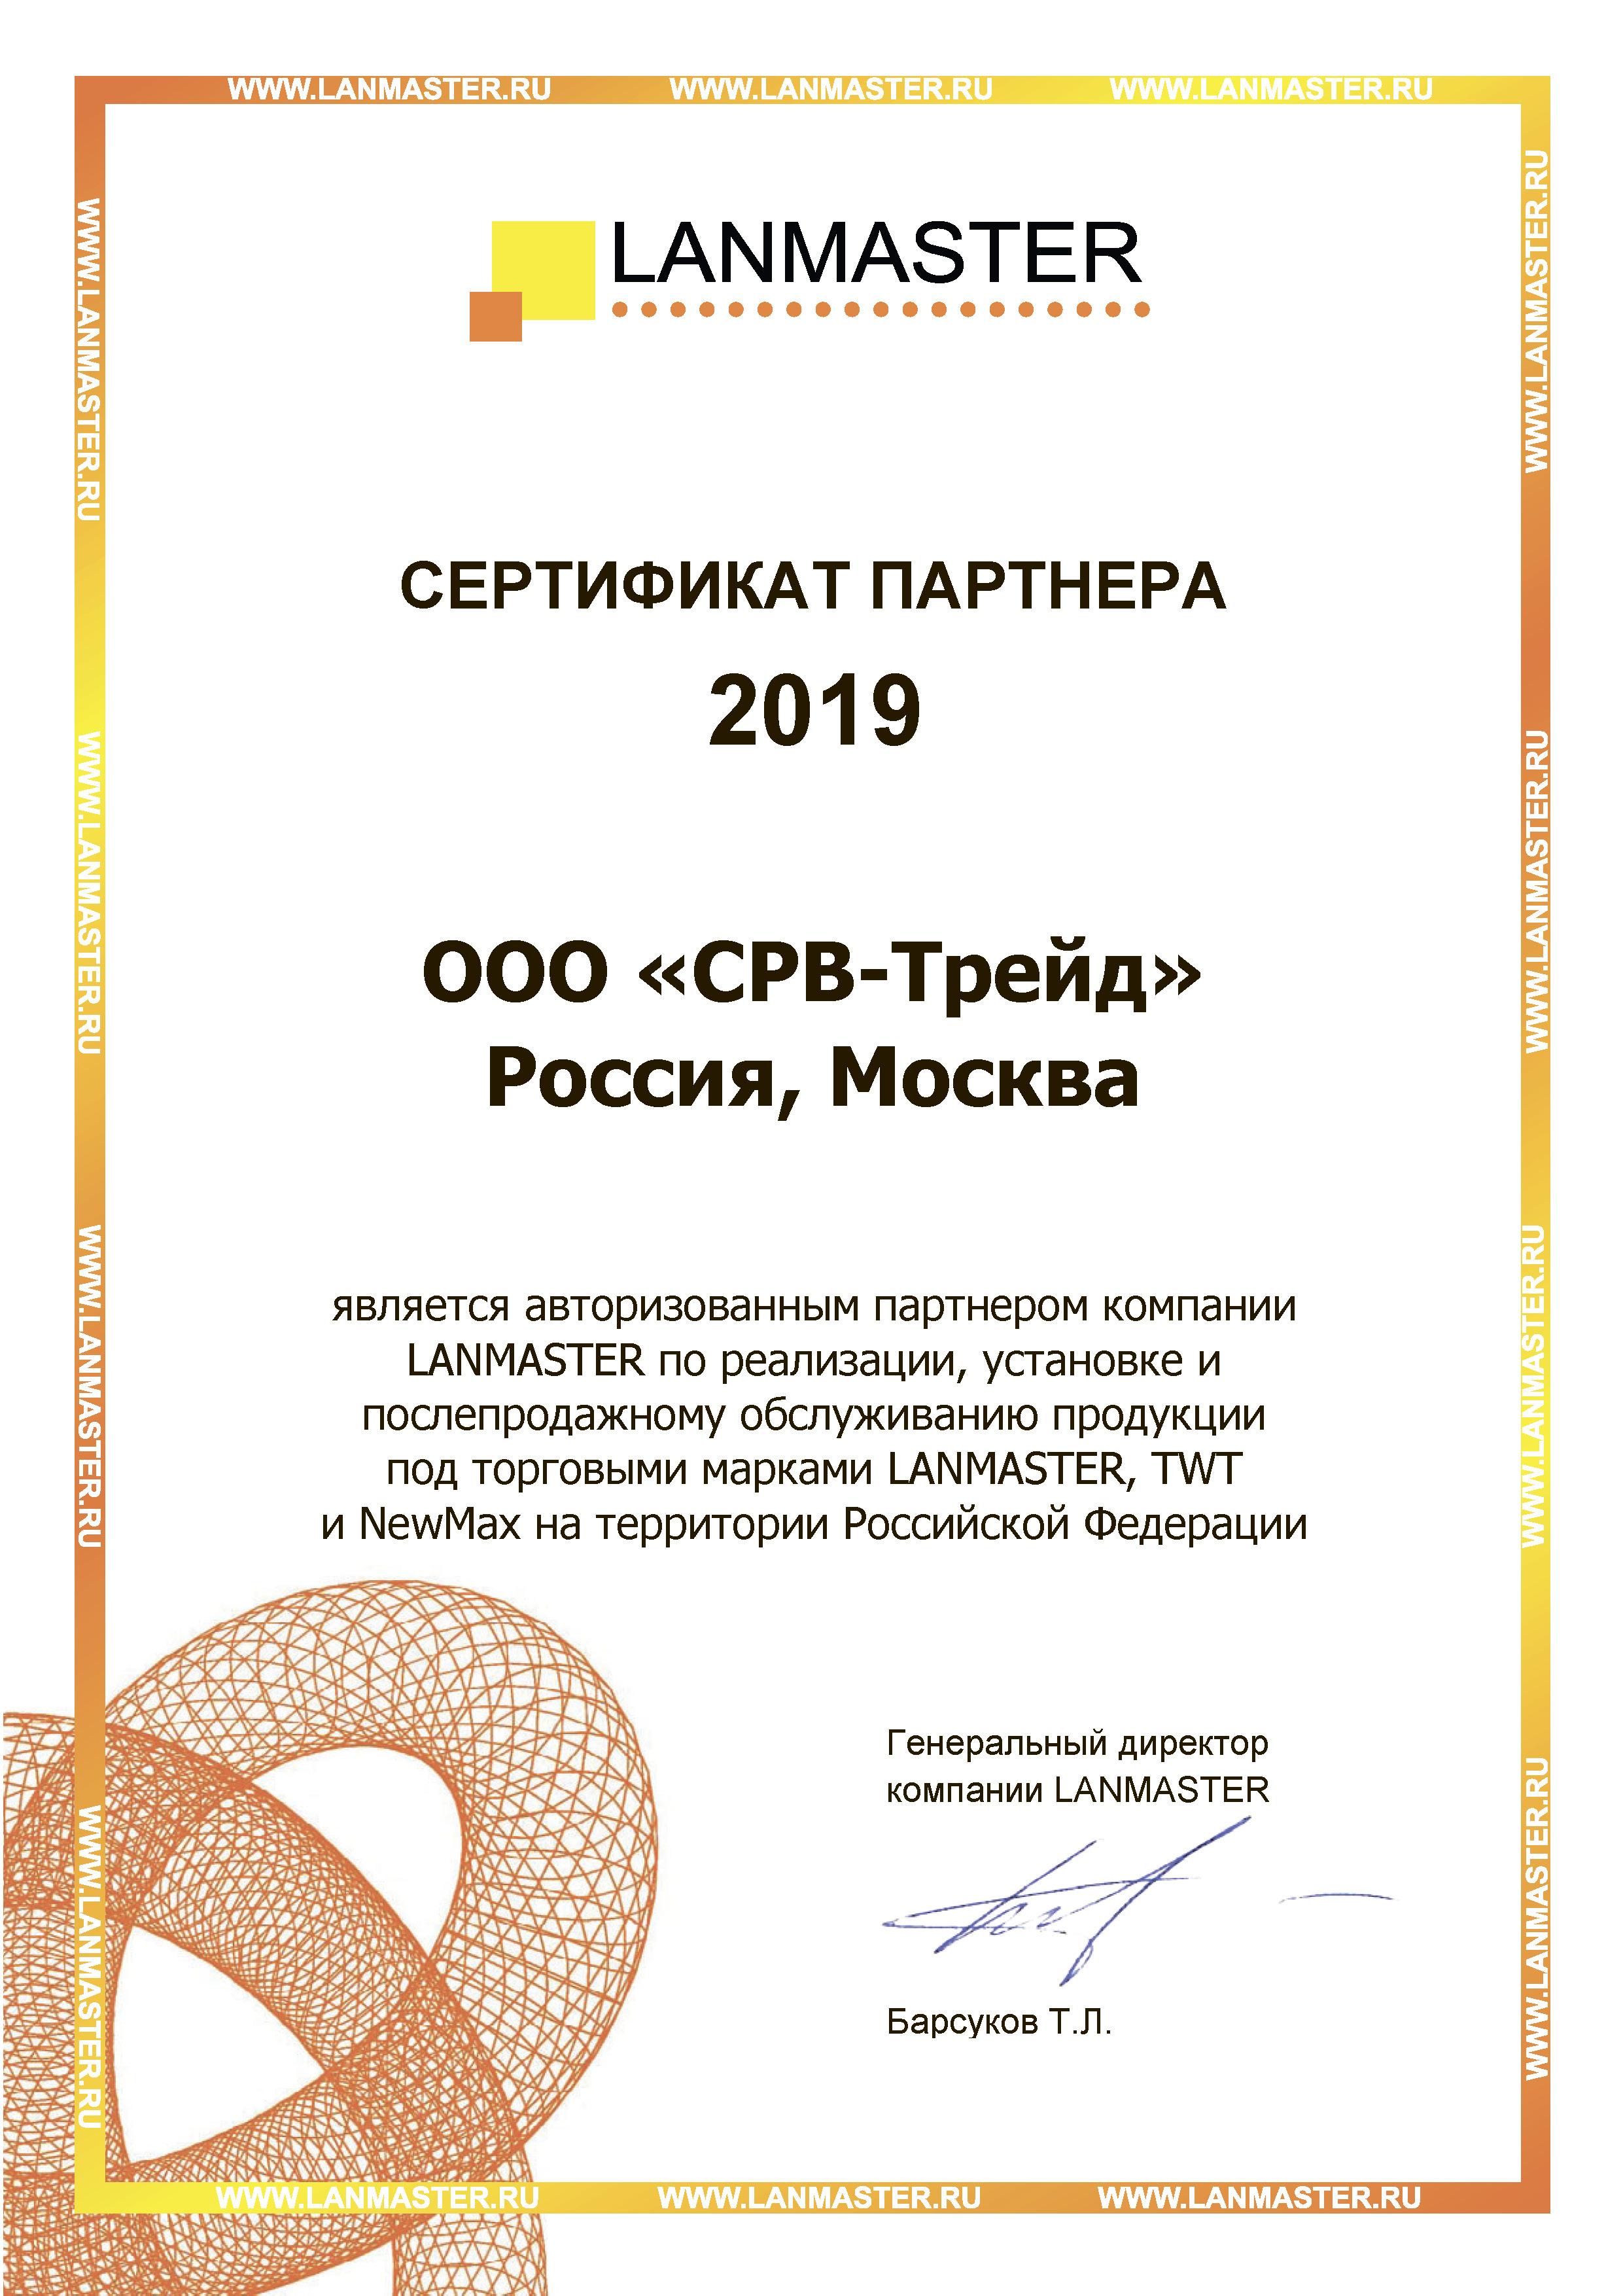 Сертификат партнера LANMASTER